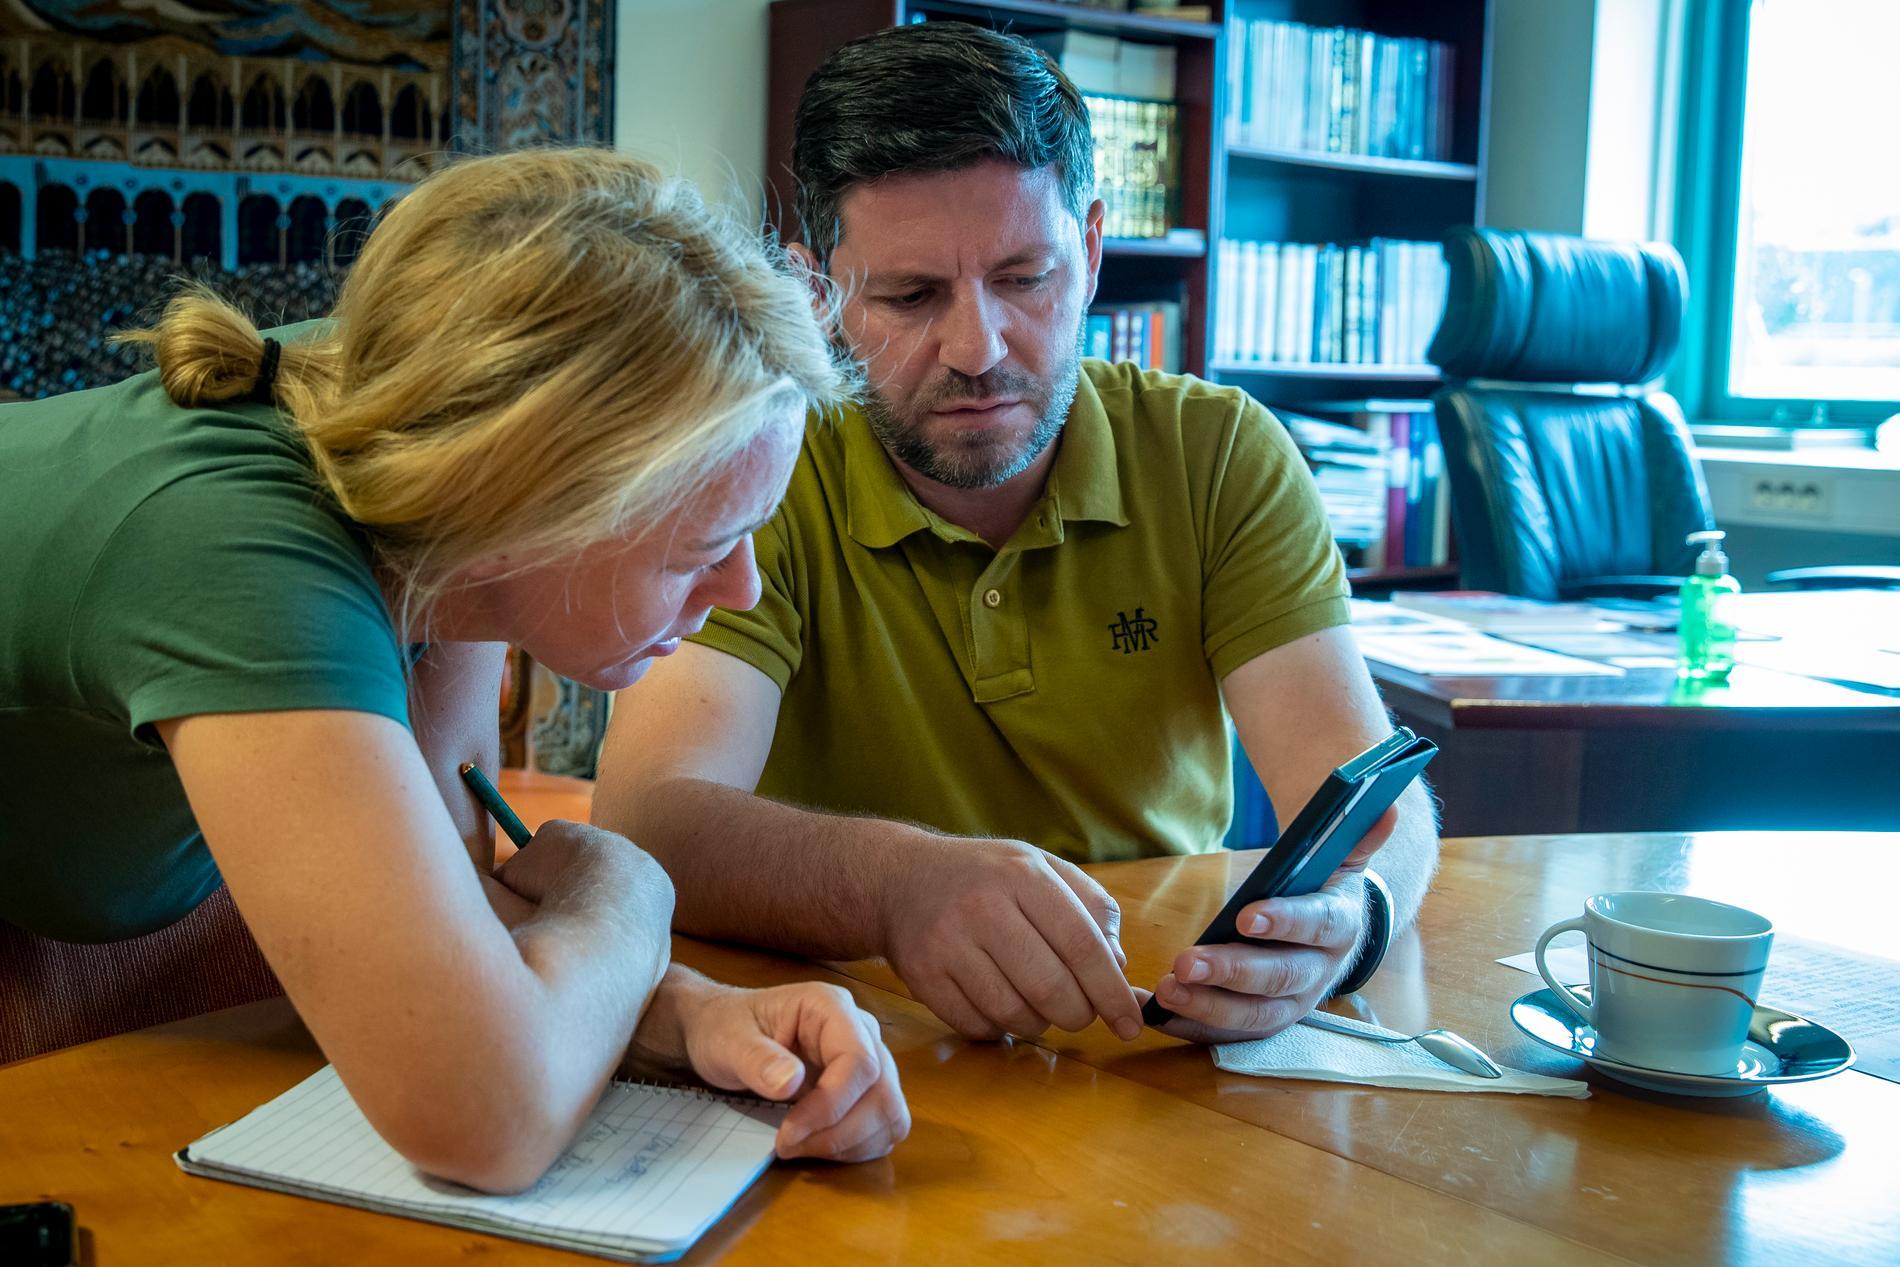 Roland Vishkurti, imam på Islamic center och reporter Susanna Nygren tittar på ett filmklipp från upploppen. Roland Vishkurti är förtvivlad över våldet. Han hoppas att alla religiösa samfund i Malmö kan fortsätta att samarbeta för att förebygga våld och främlingsfientlighet.